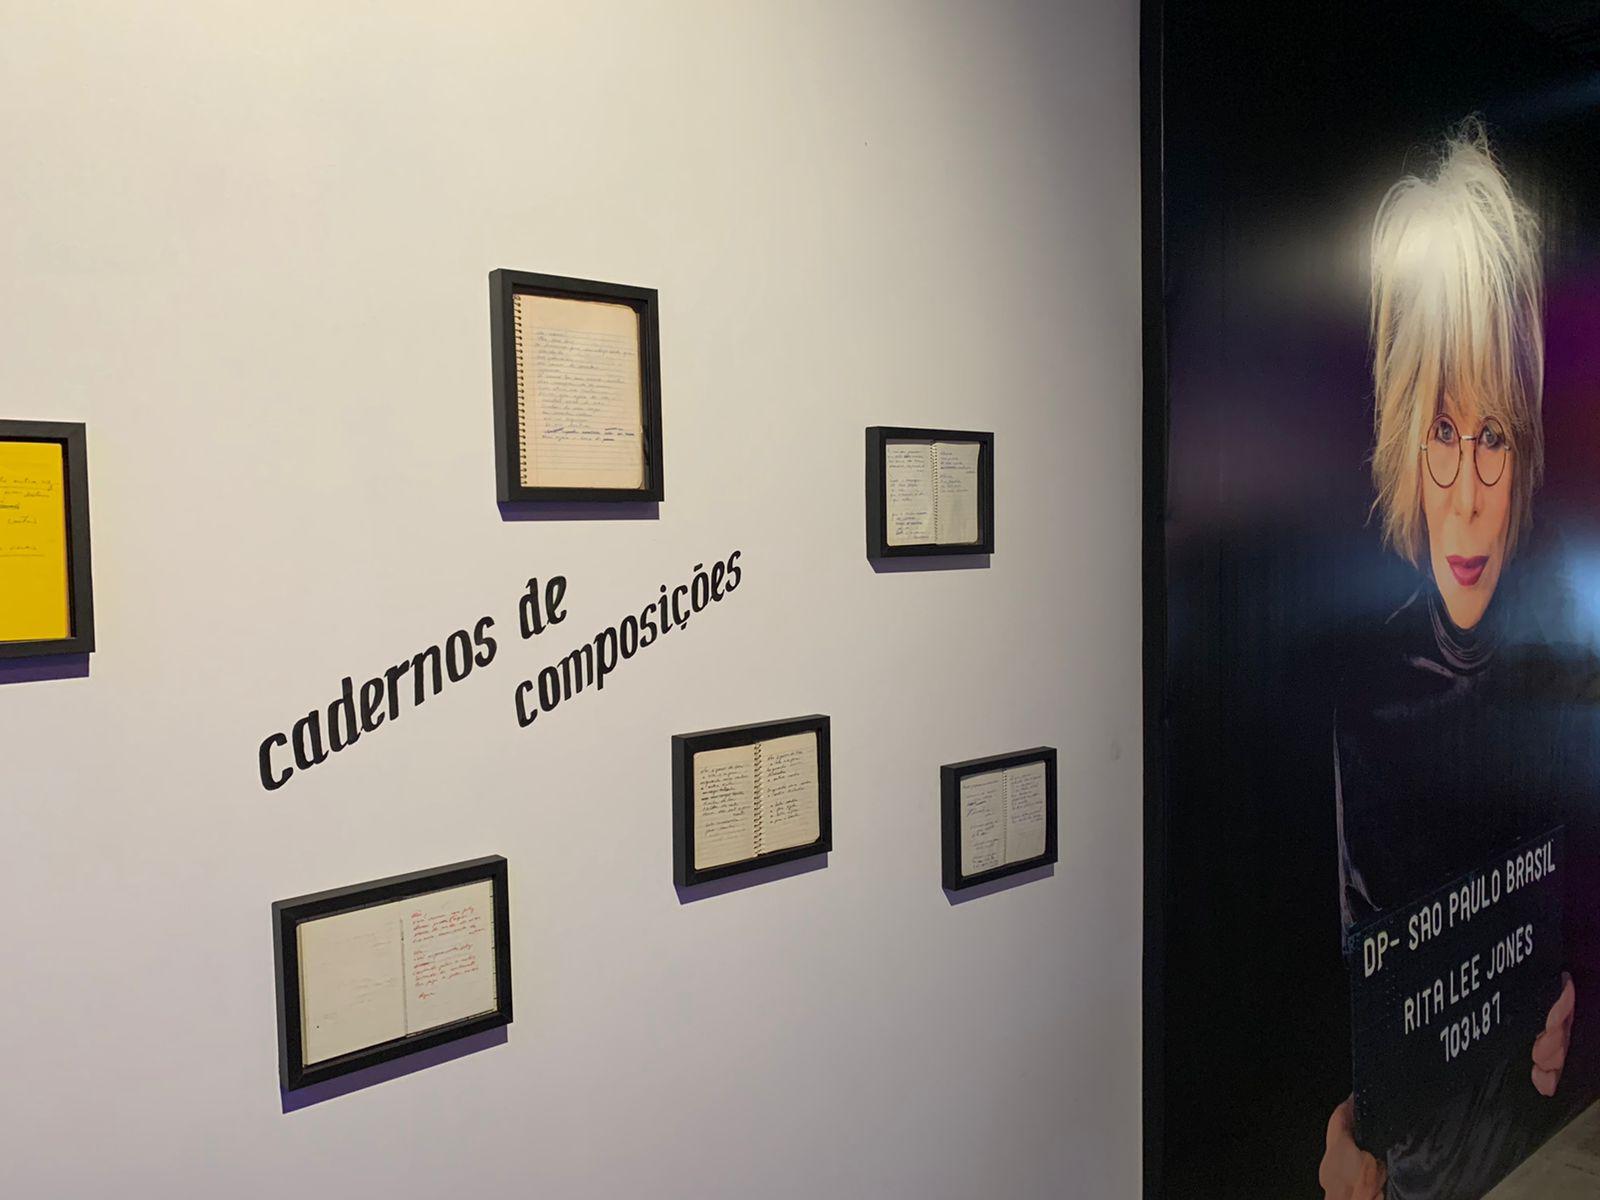 Parede em exposição de Rita Lee onde está exposto poema inédito em homenagem à Elis Regina